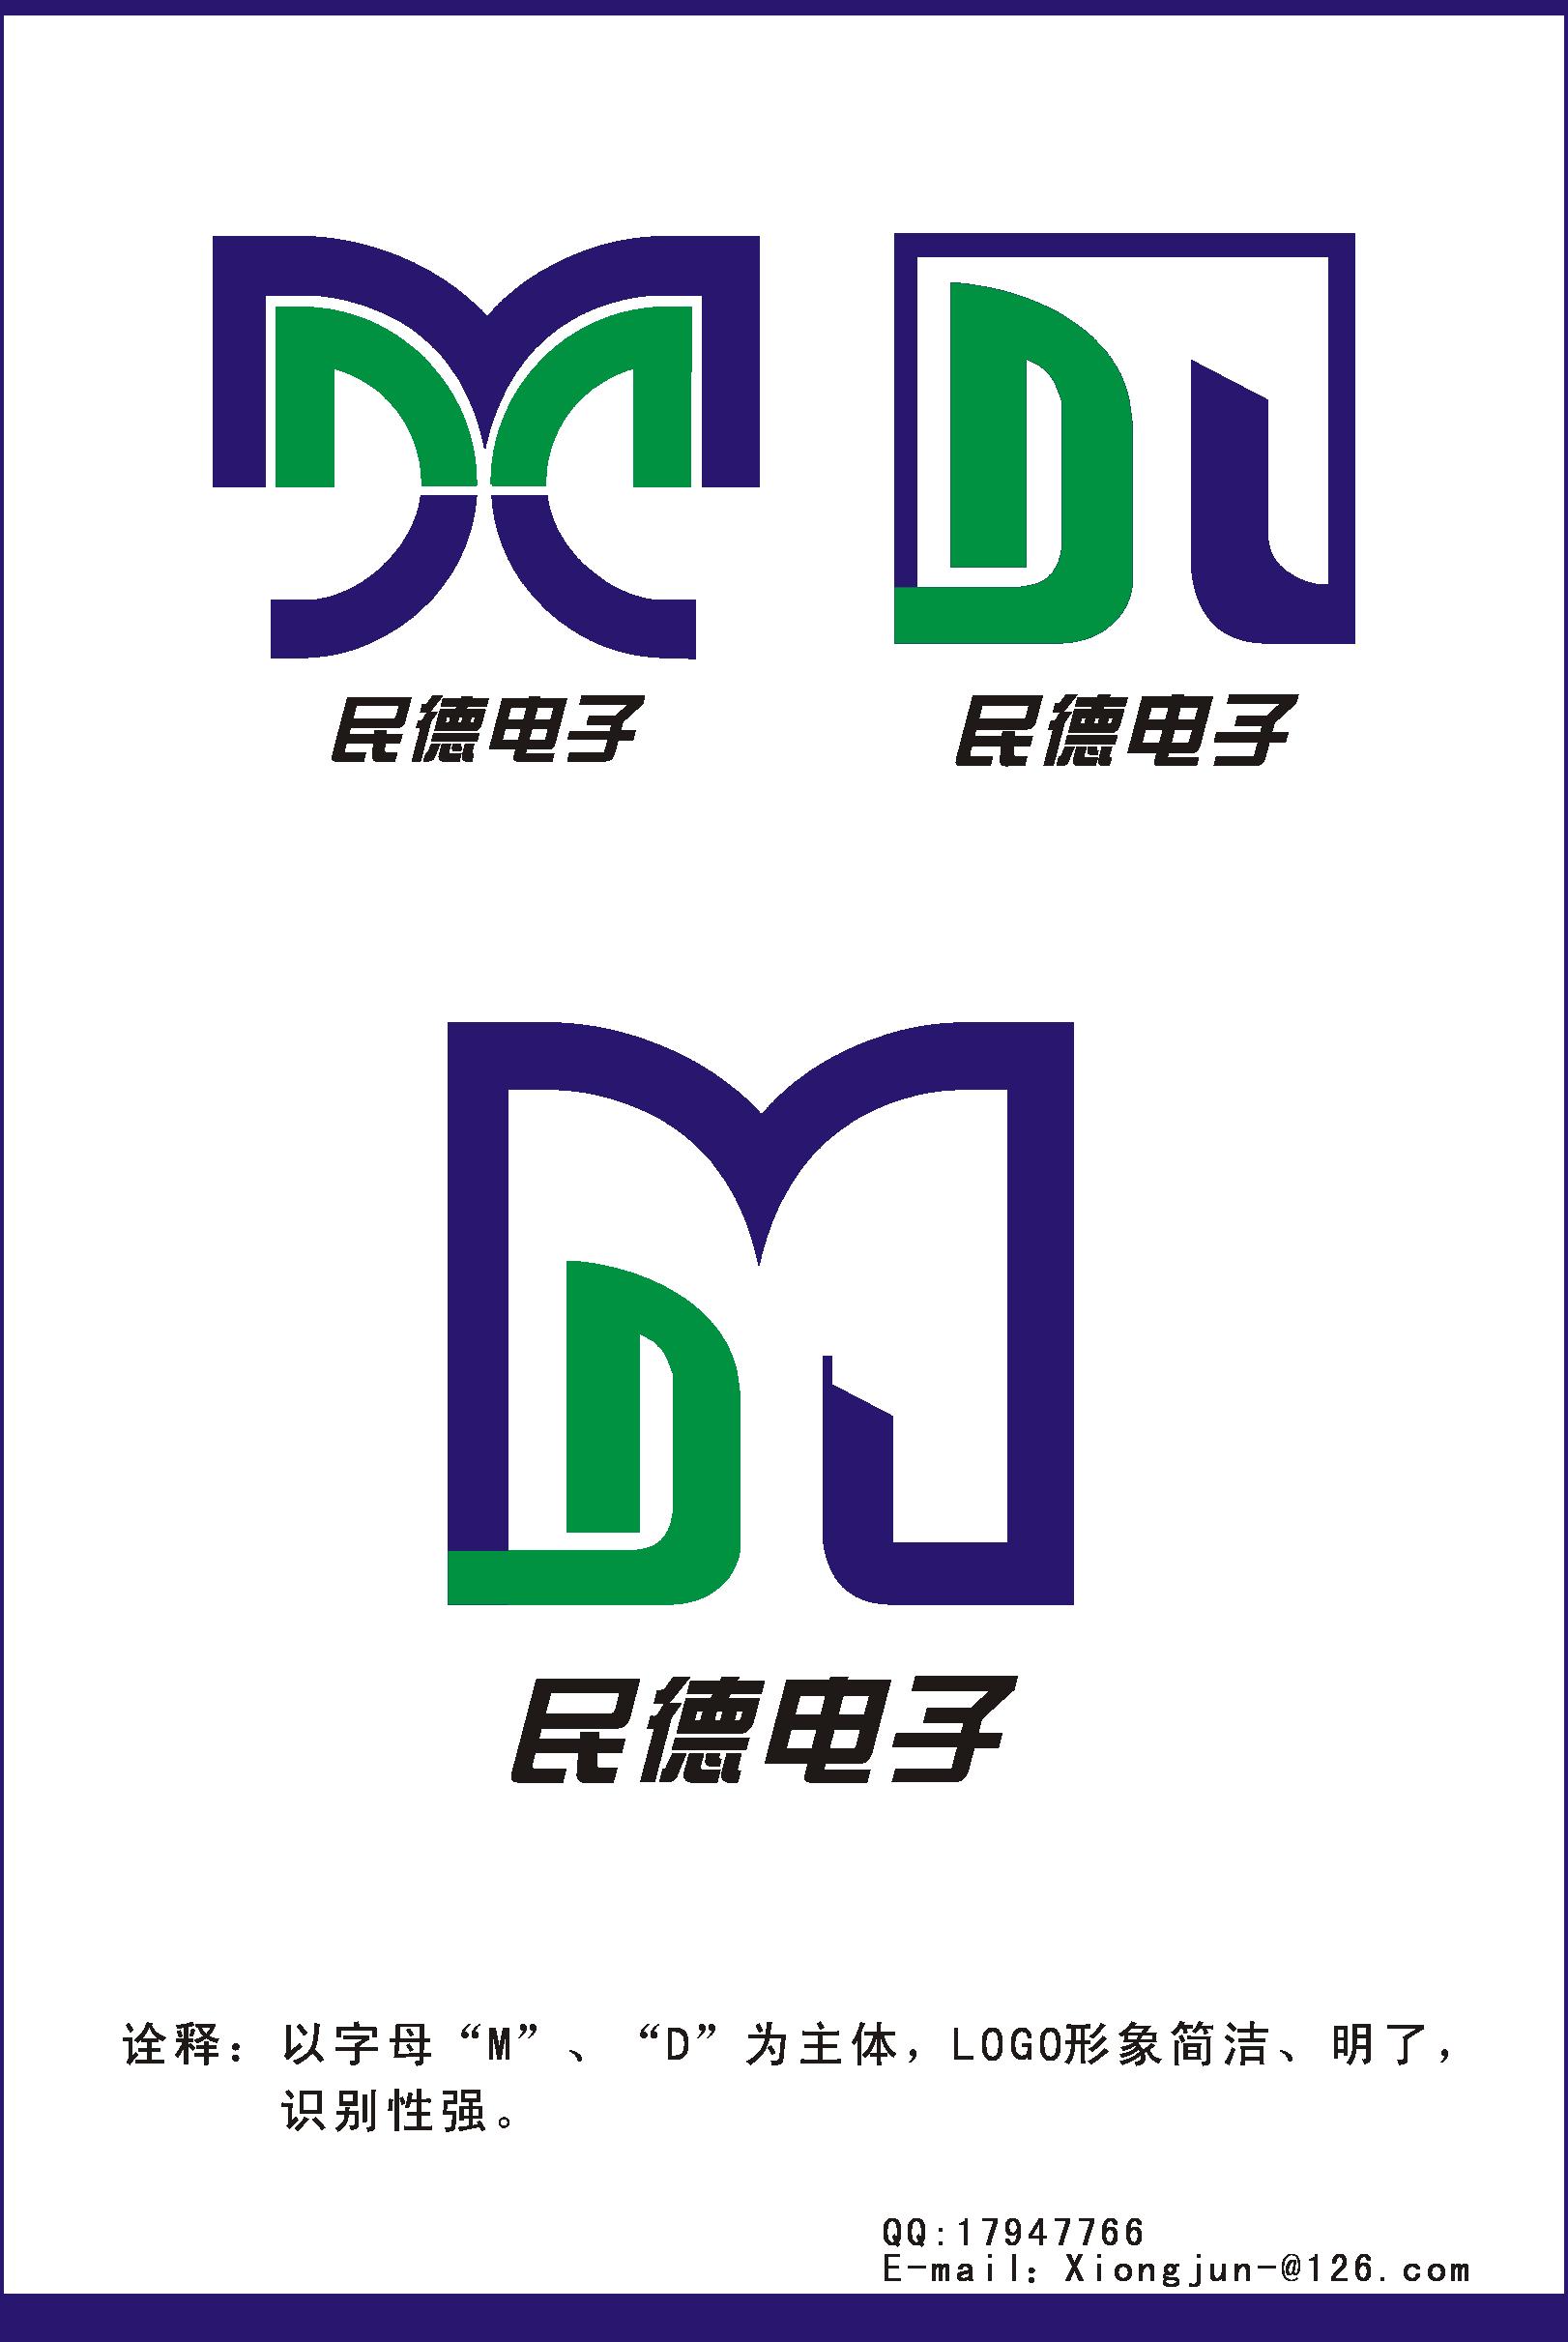 【88号任务】200元民德电子标志设计(已结束)